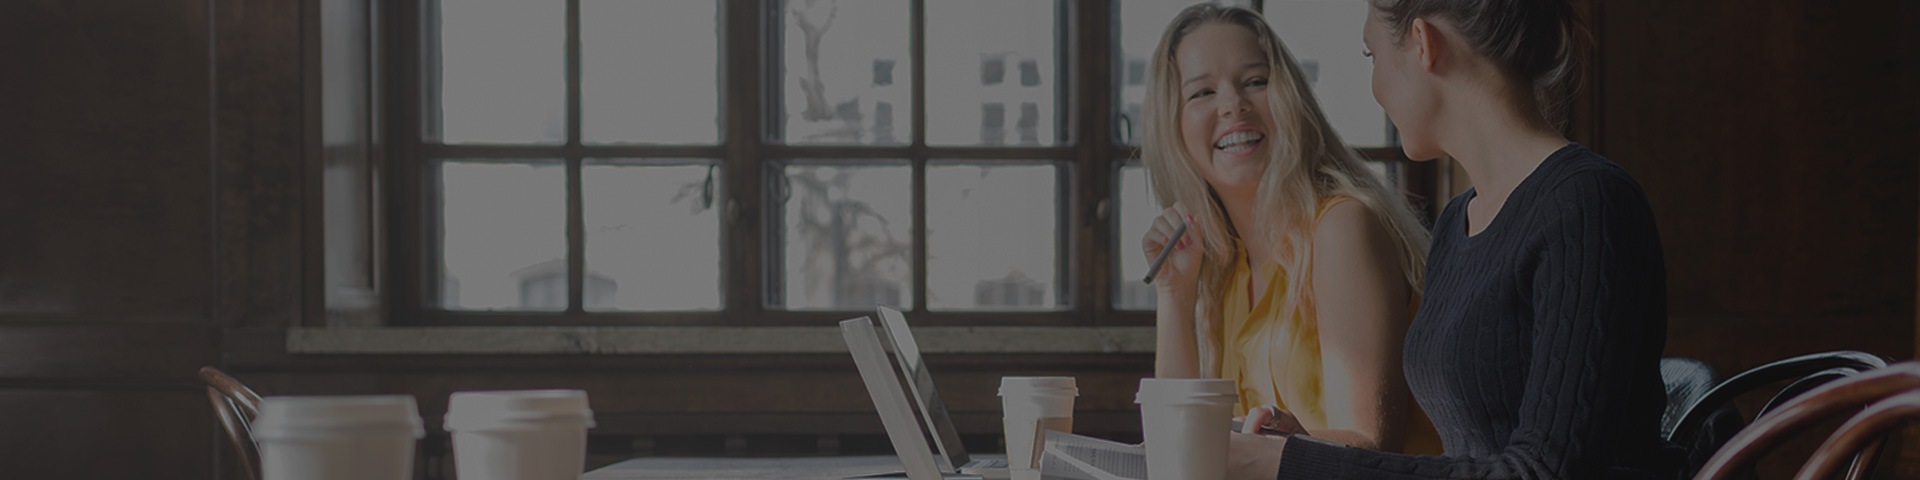 Welke Office-versie past het beste bij jou?